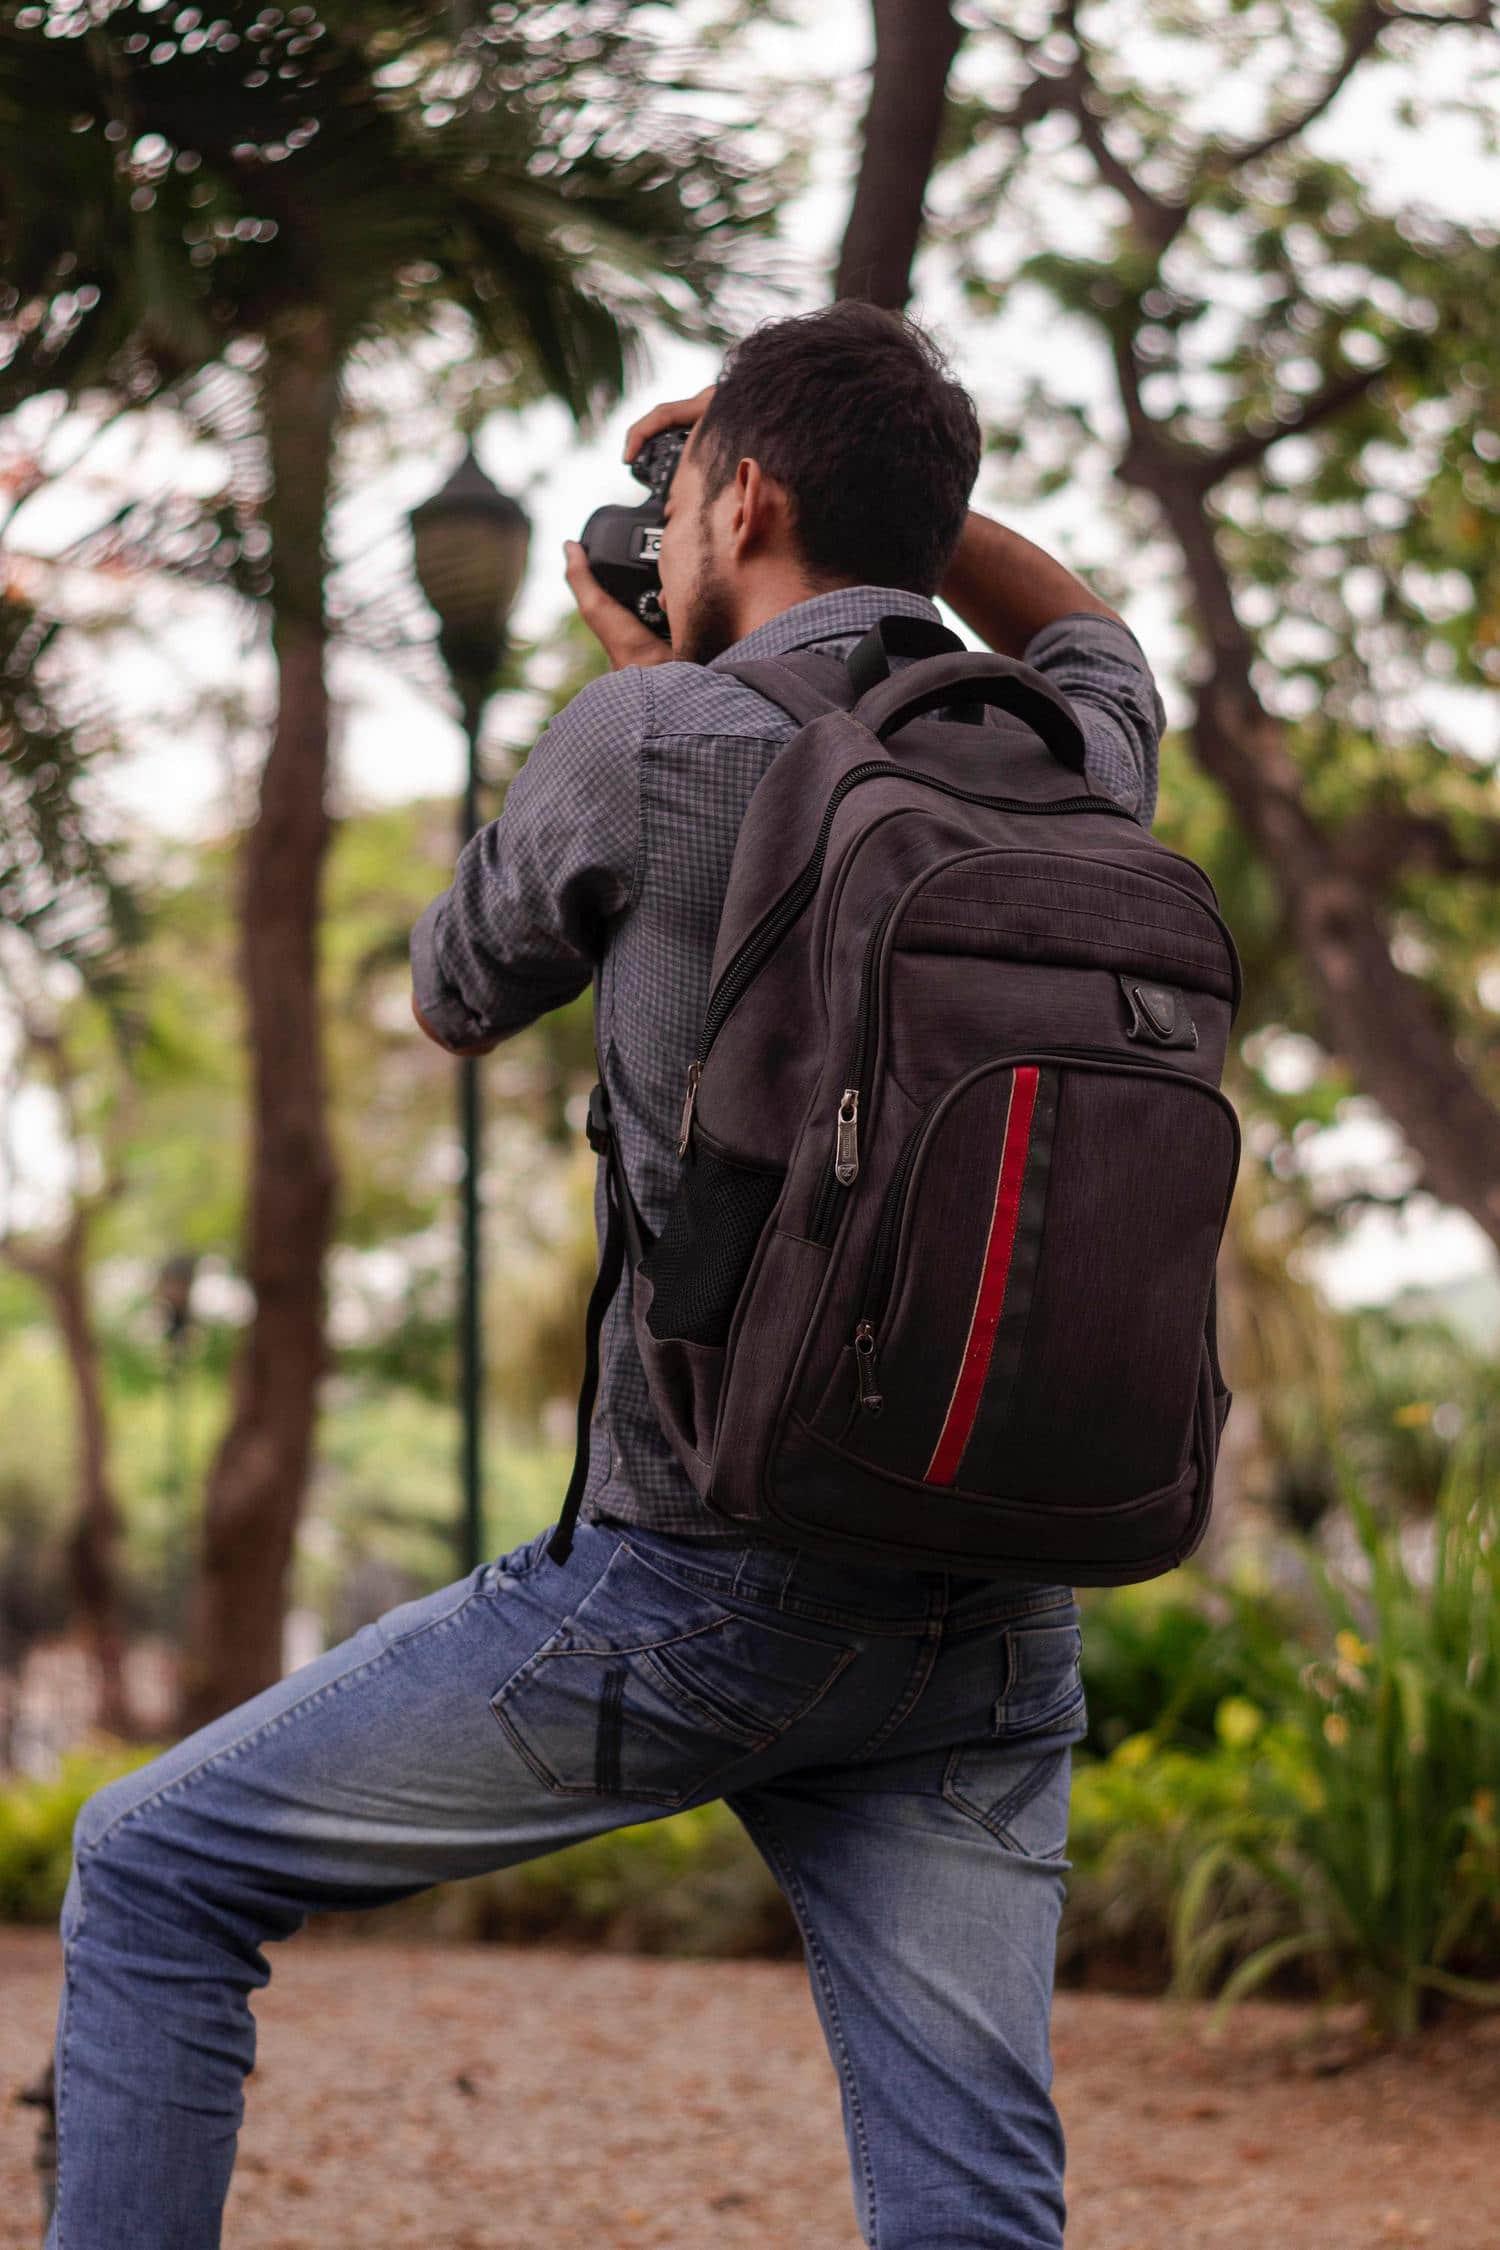 Mochila para fotógrafo uno de los accesorios fotográficos imprescindibles